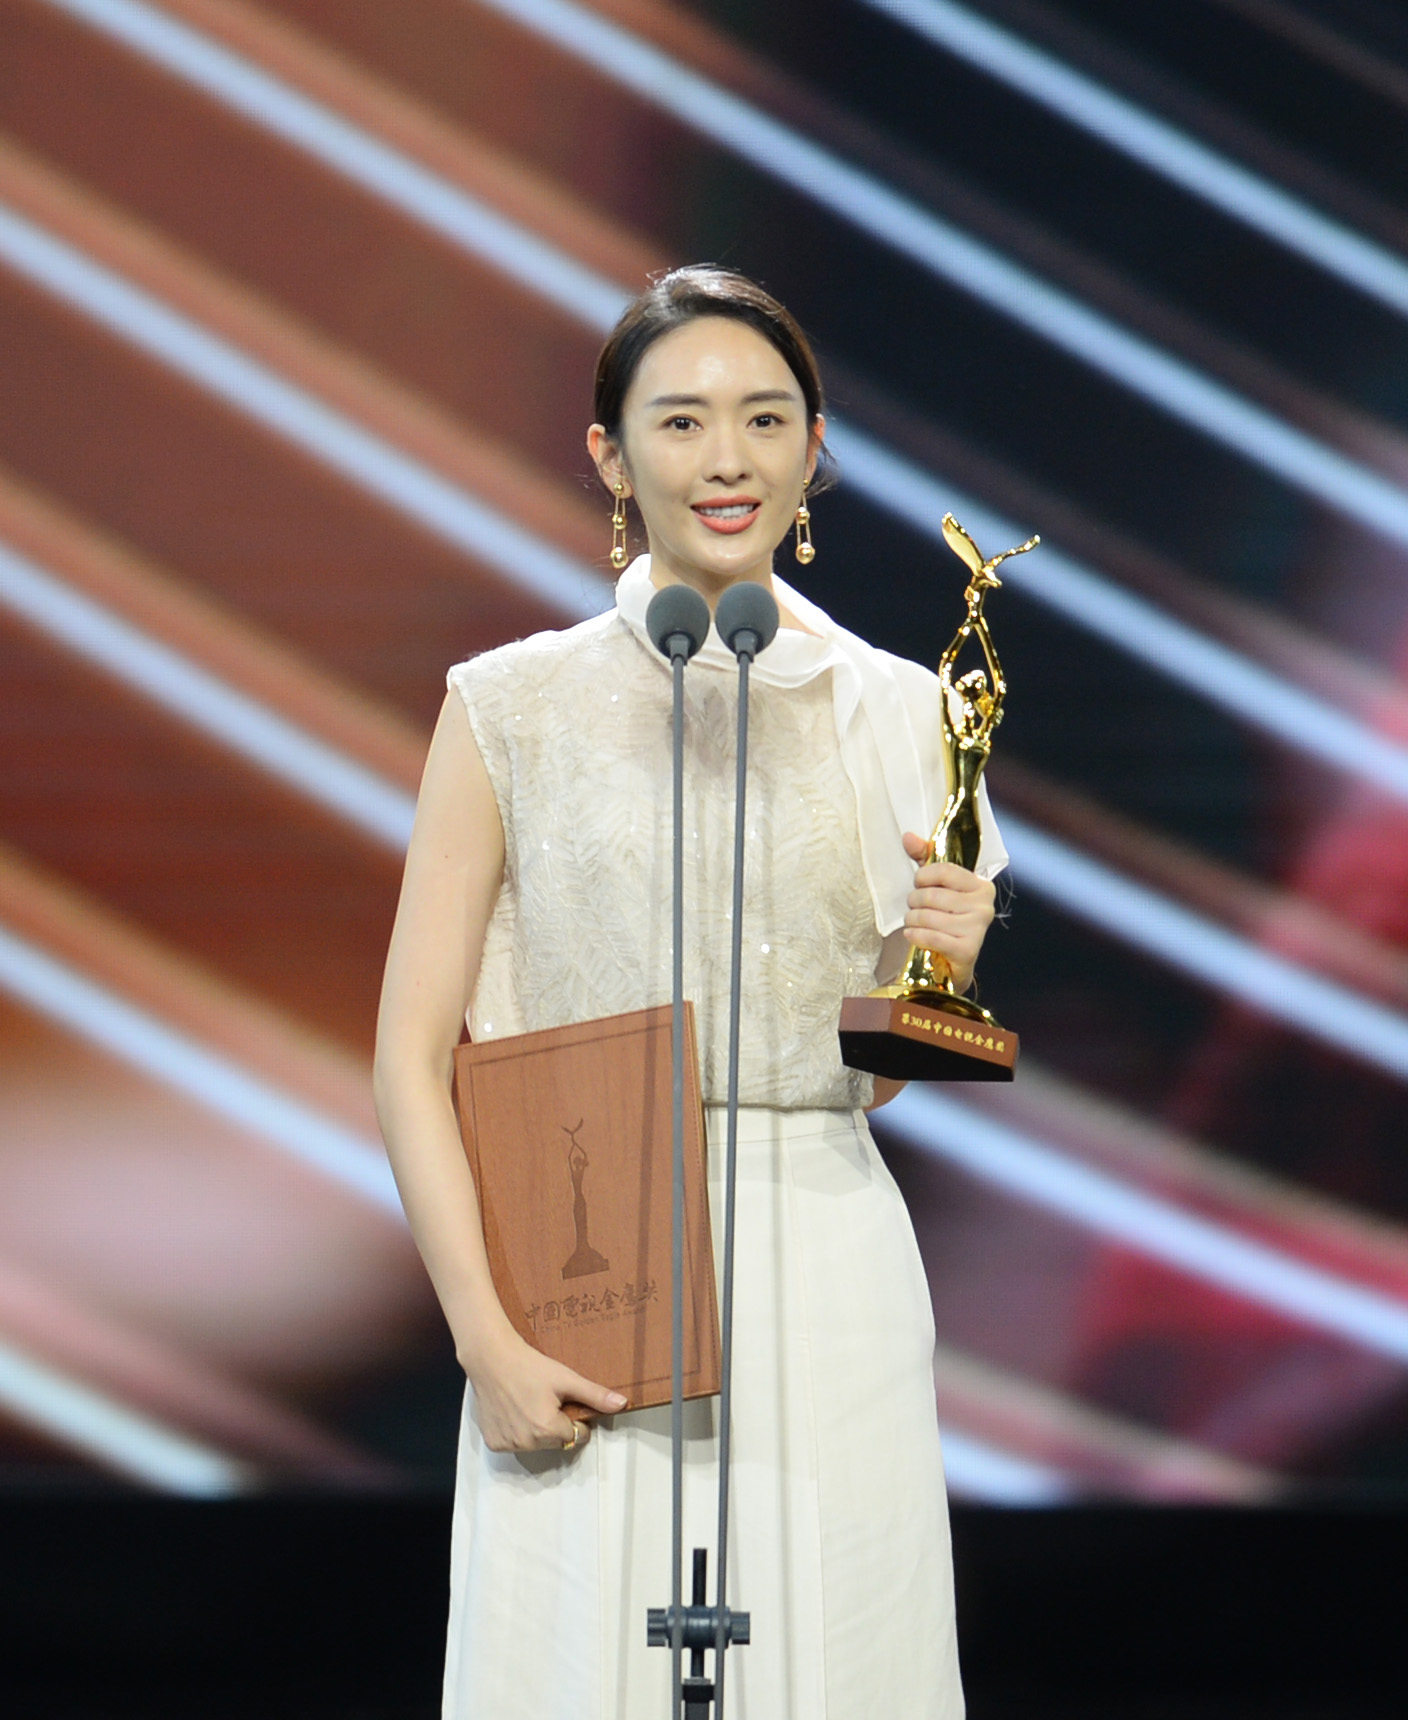 第30届中国电视金鹰奖揭晓